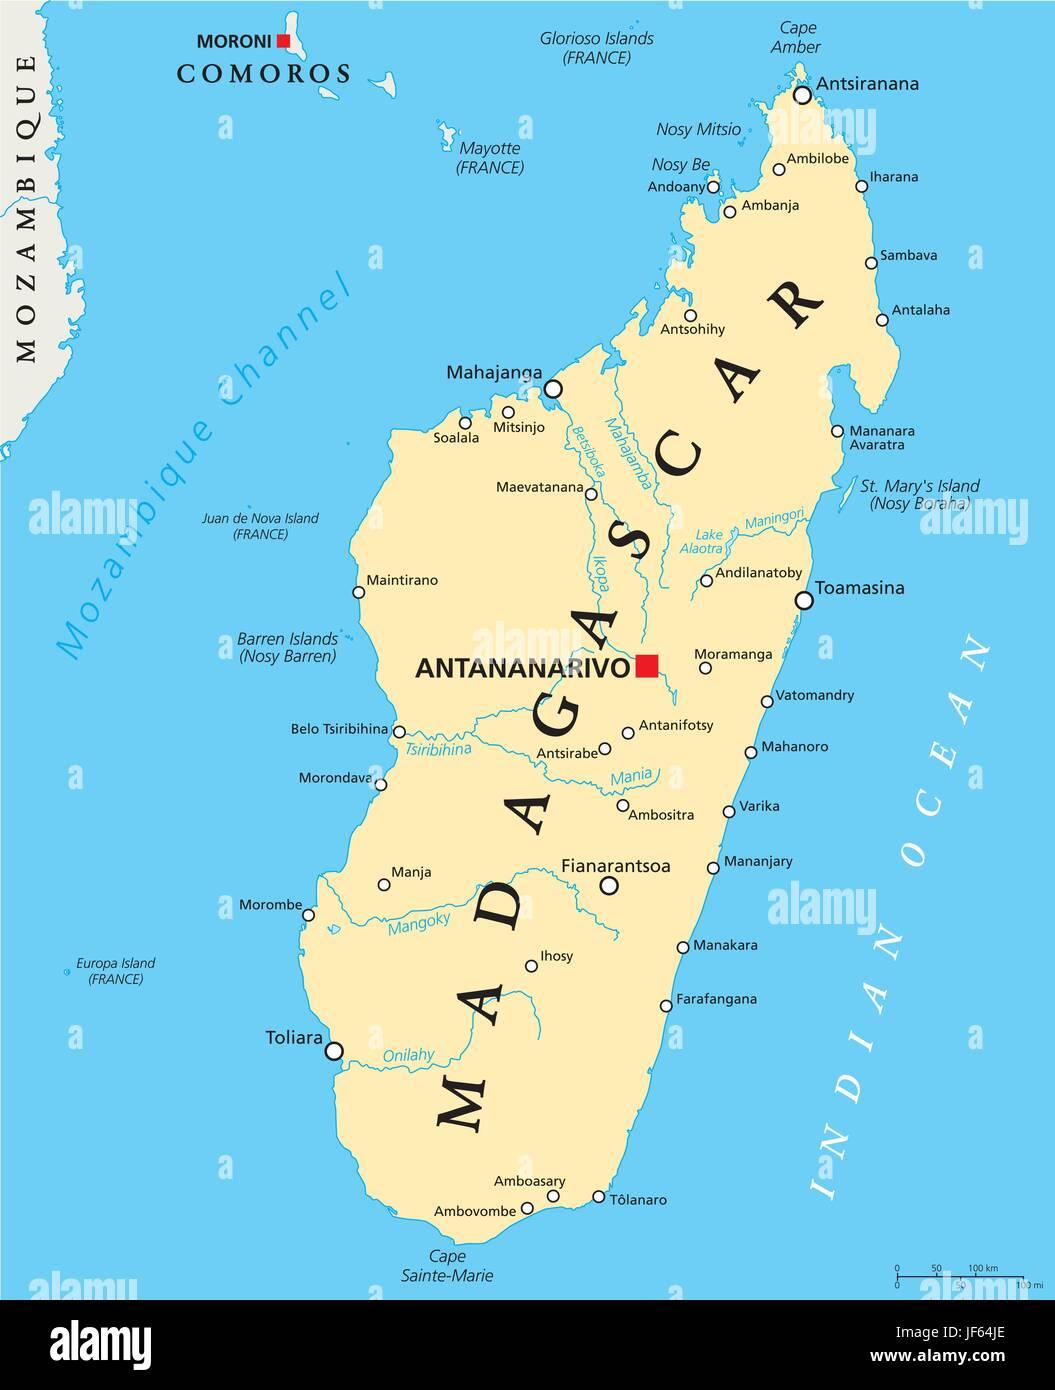 Madagaskar Karte.Madagaskar Karte Atlas Karte Der Welt Reisen Afrika